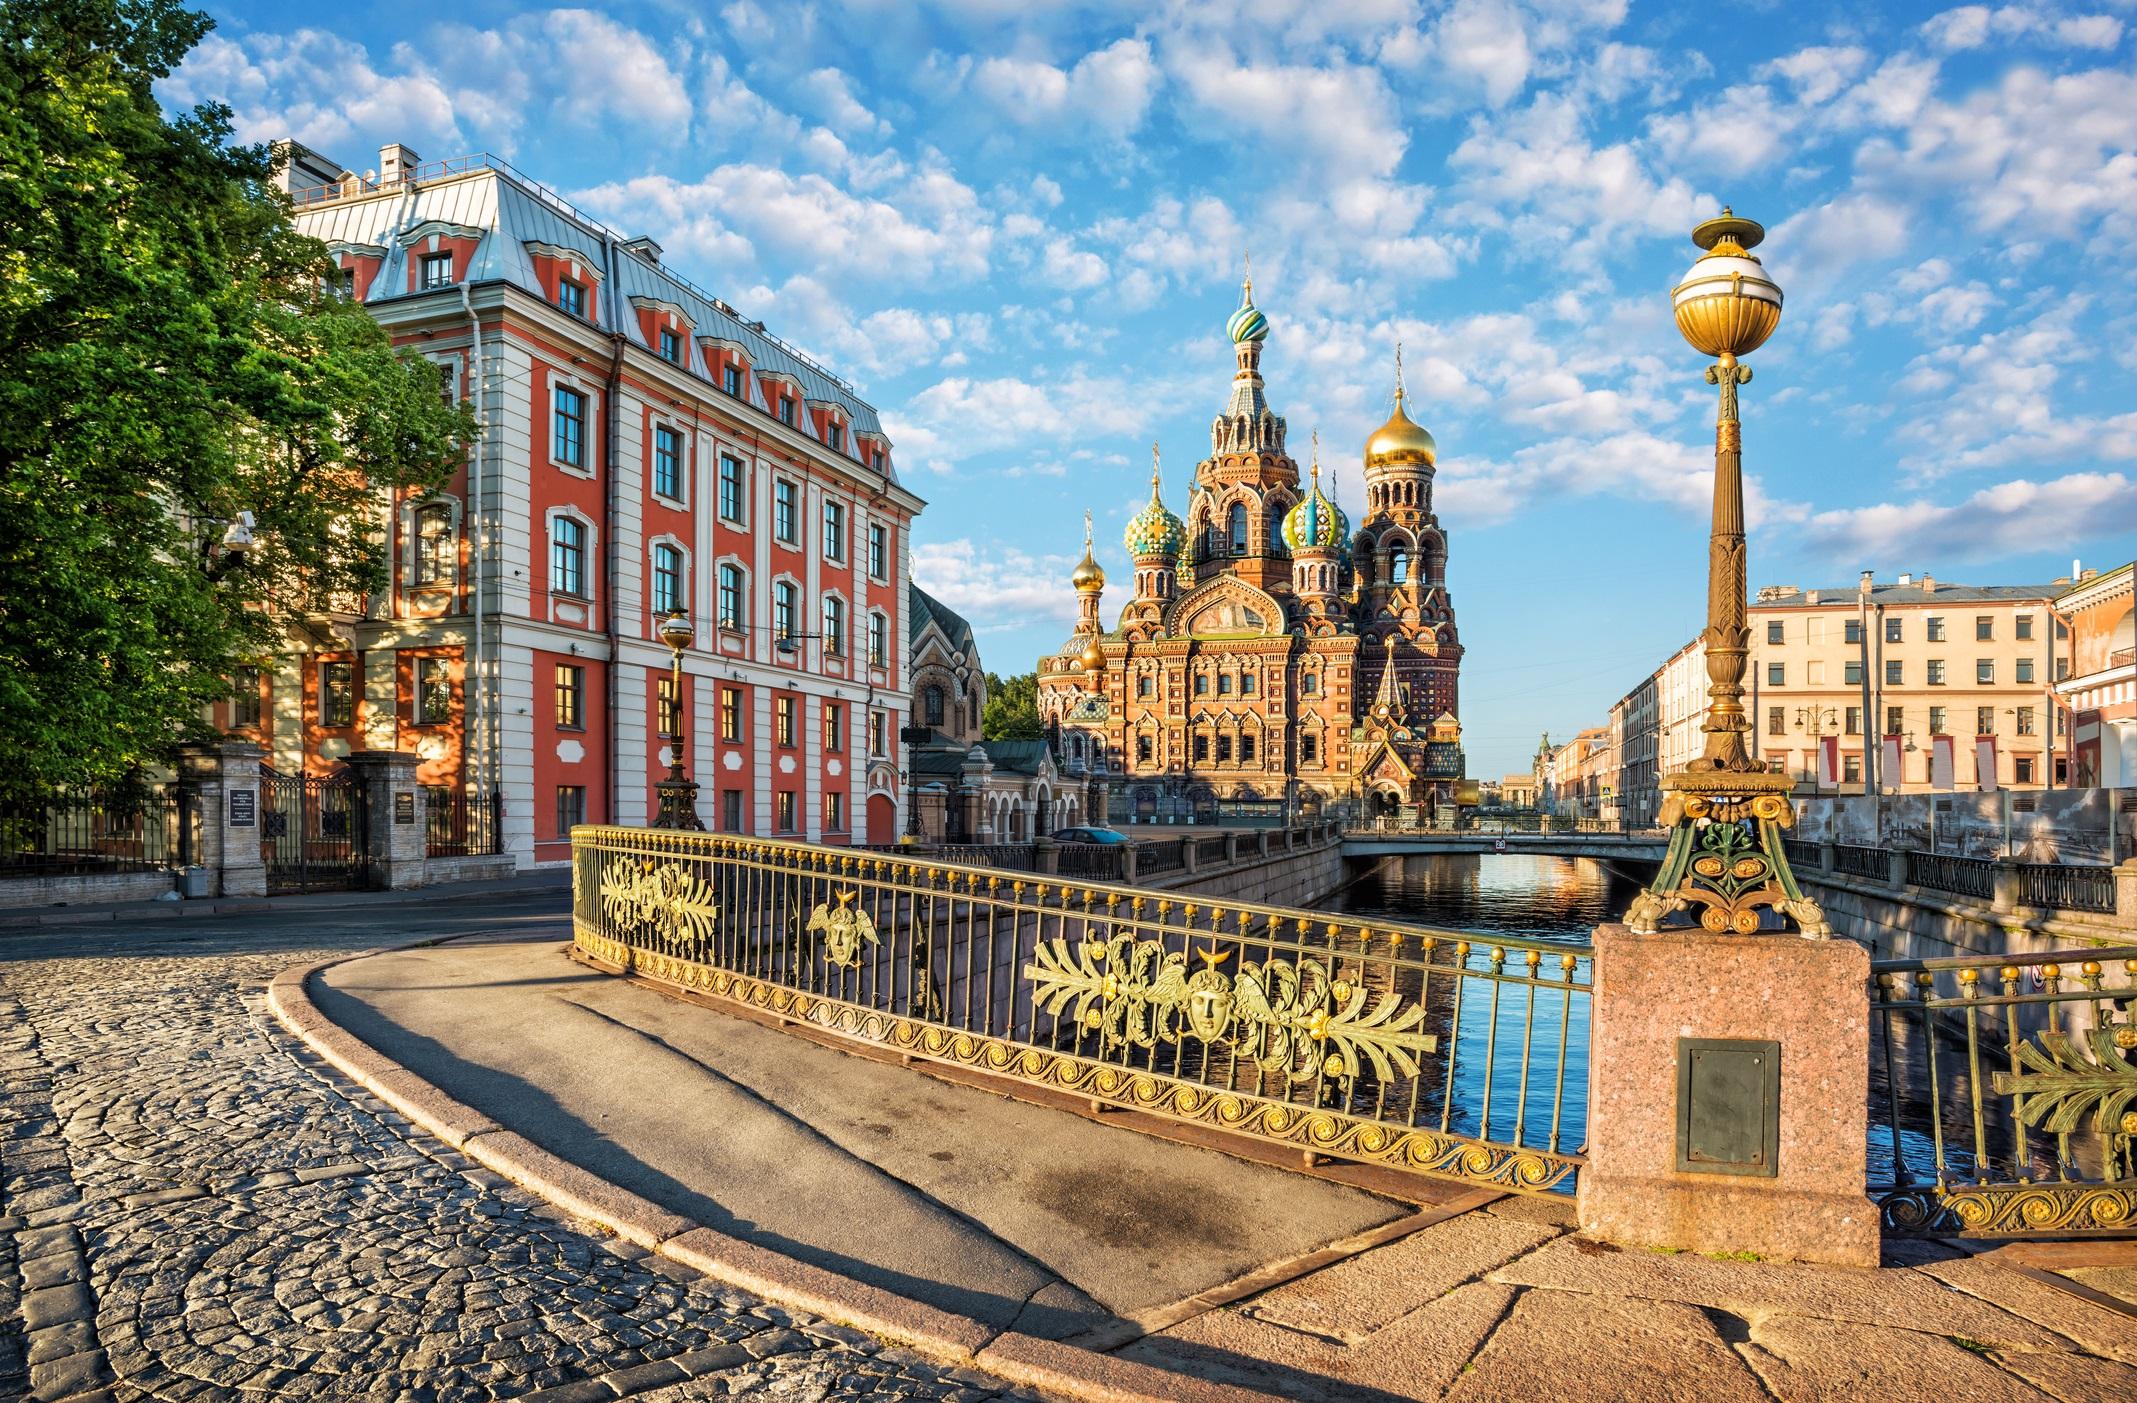 <p><strong>Санкт Петербург, Русия</strong></p>  <p>Преди да бъде построен, на мястото на Санкт Петербург е имало блата. От тези скромни основи Петър Велики издига руски град, по нищо не отстъпващ на бароковите и ренесансови крепости в Западна Европа. Градът често е наричан руският Париж.</p>